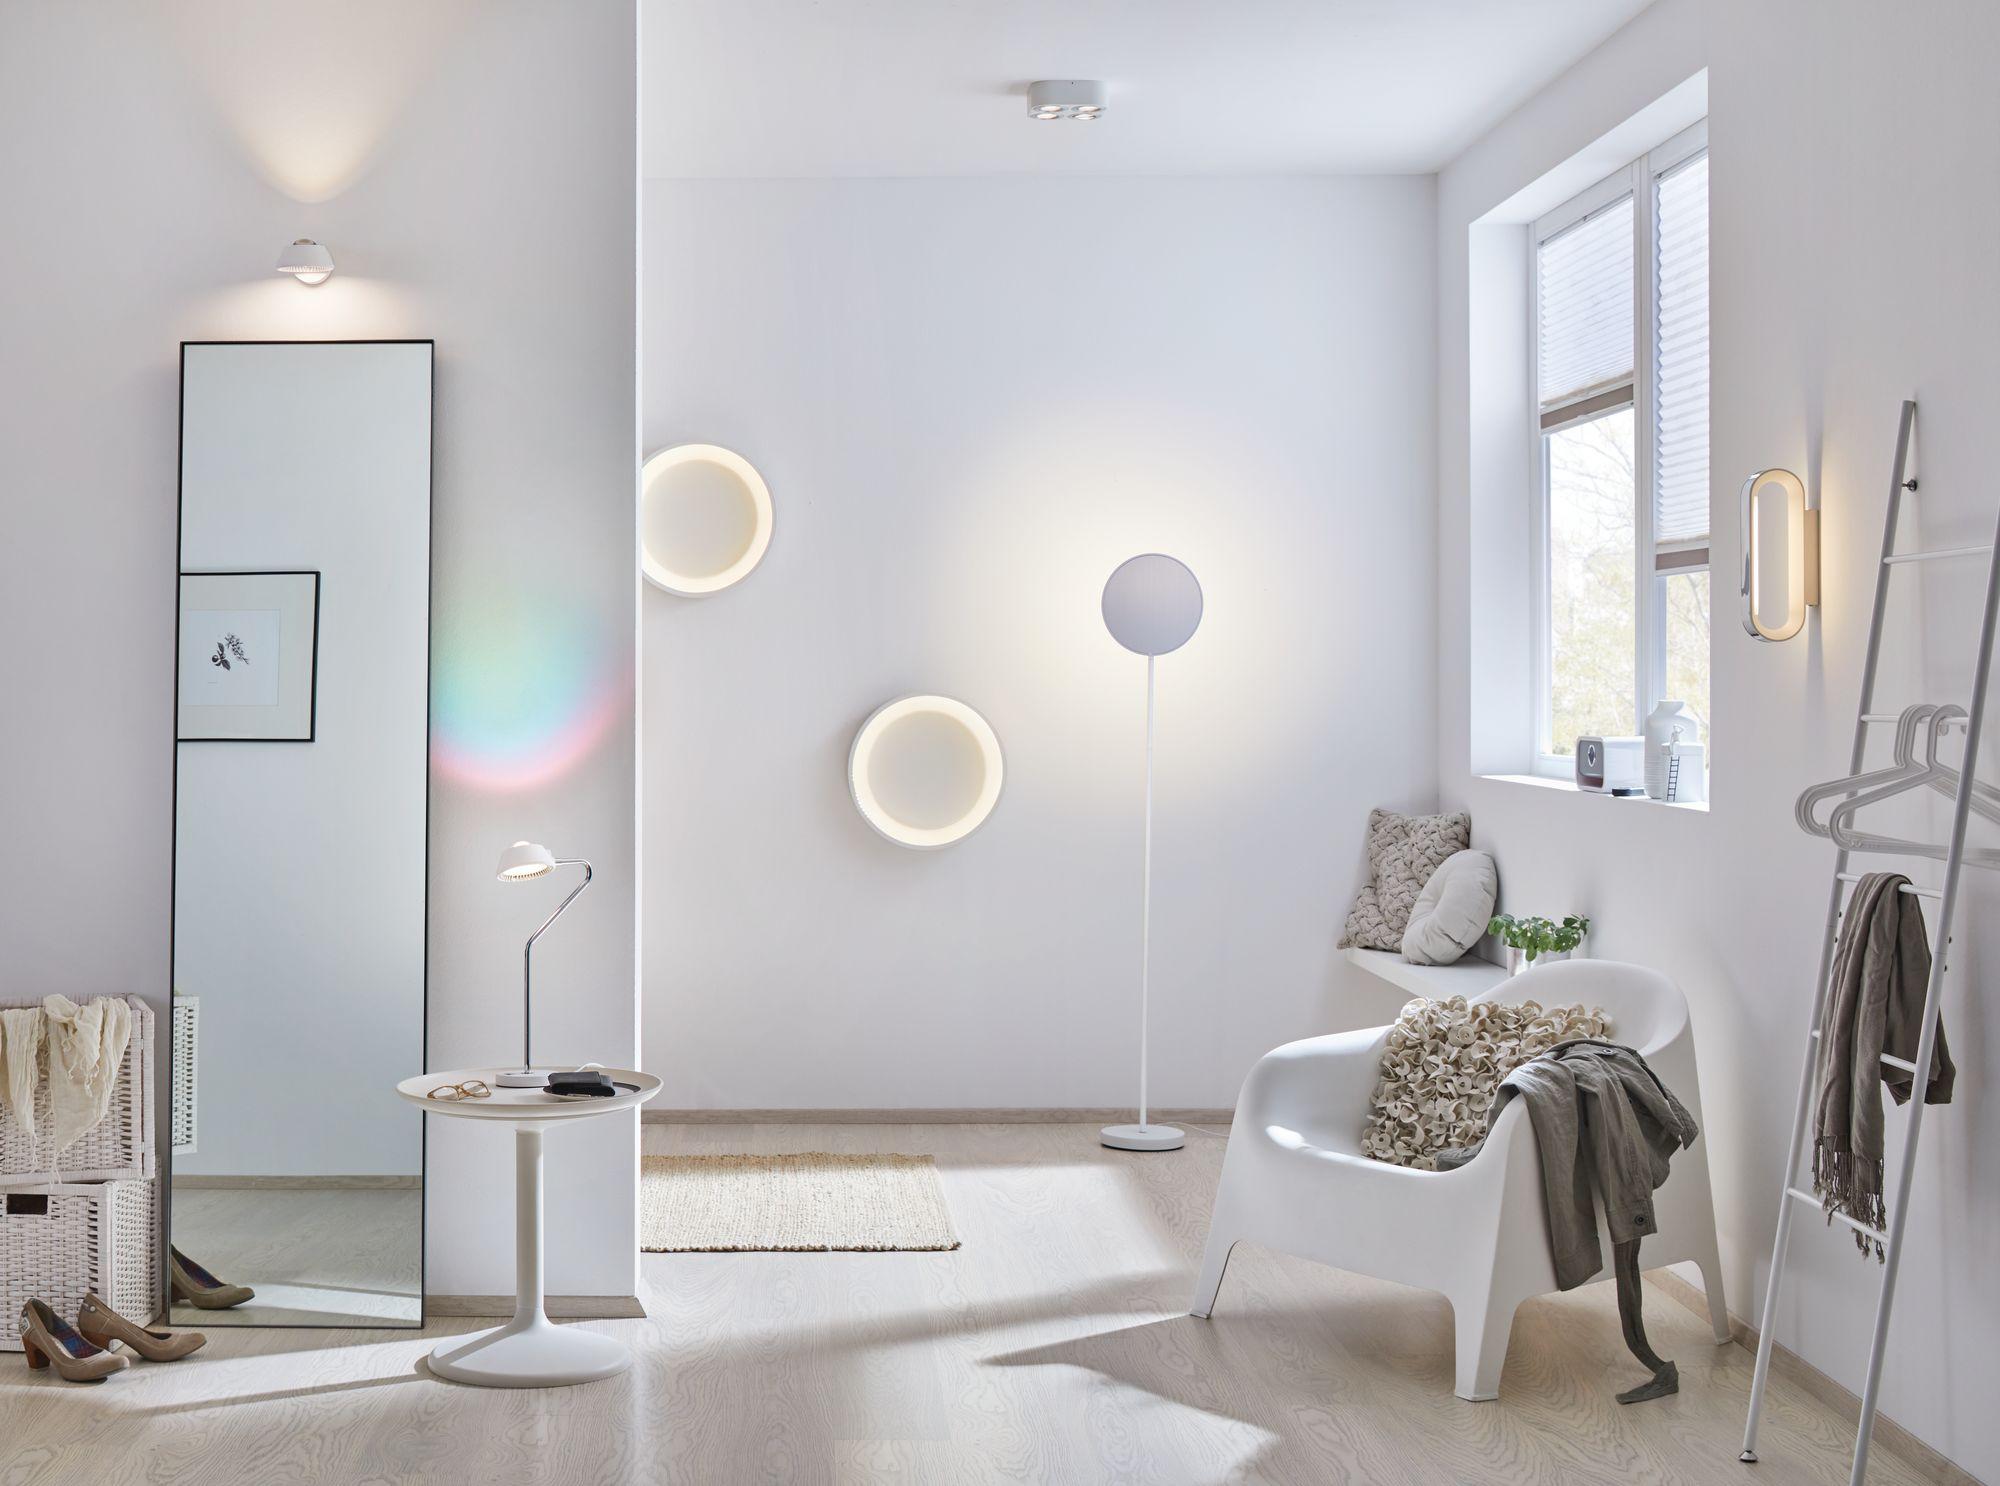 PAULMANN P 70921 Technische Leuchten, Trend Black & White svítidlo